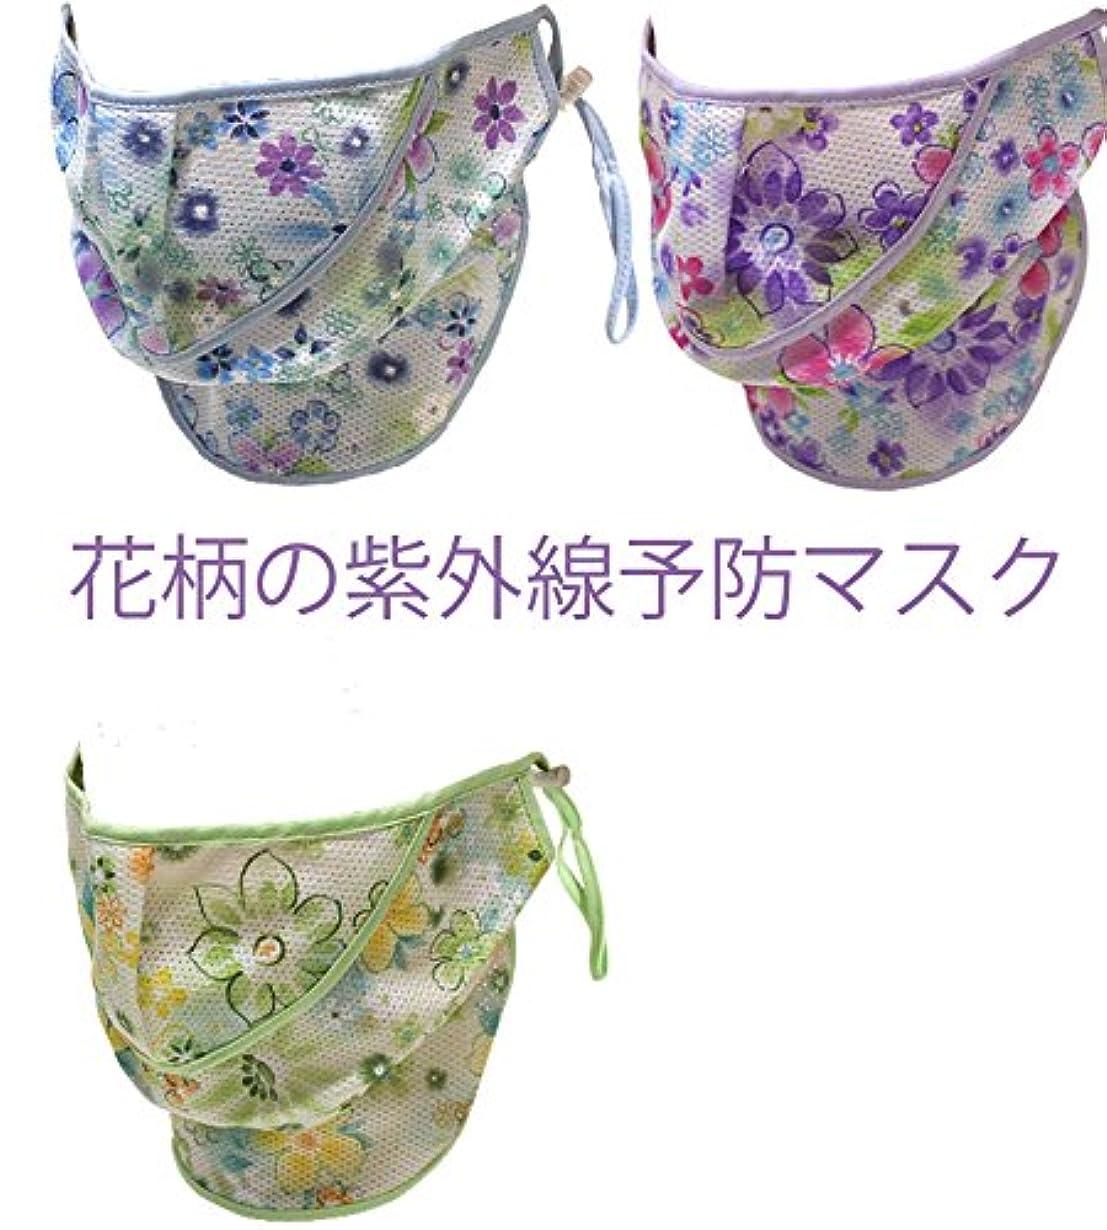 海港灰アクセルuvフェイスマスク,花柄の紫外線予防マスク、、緑色、、信頼できる韓国産